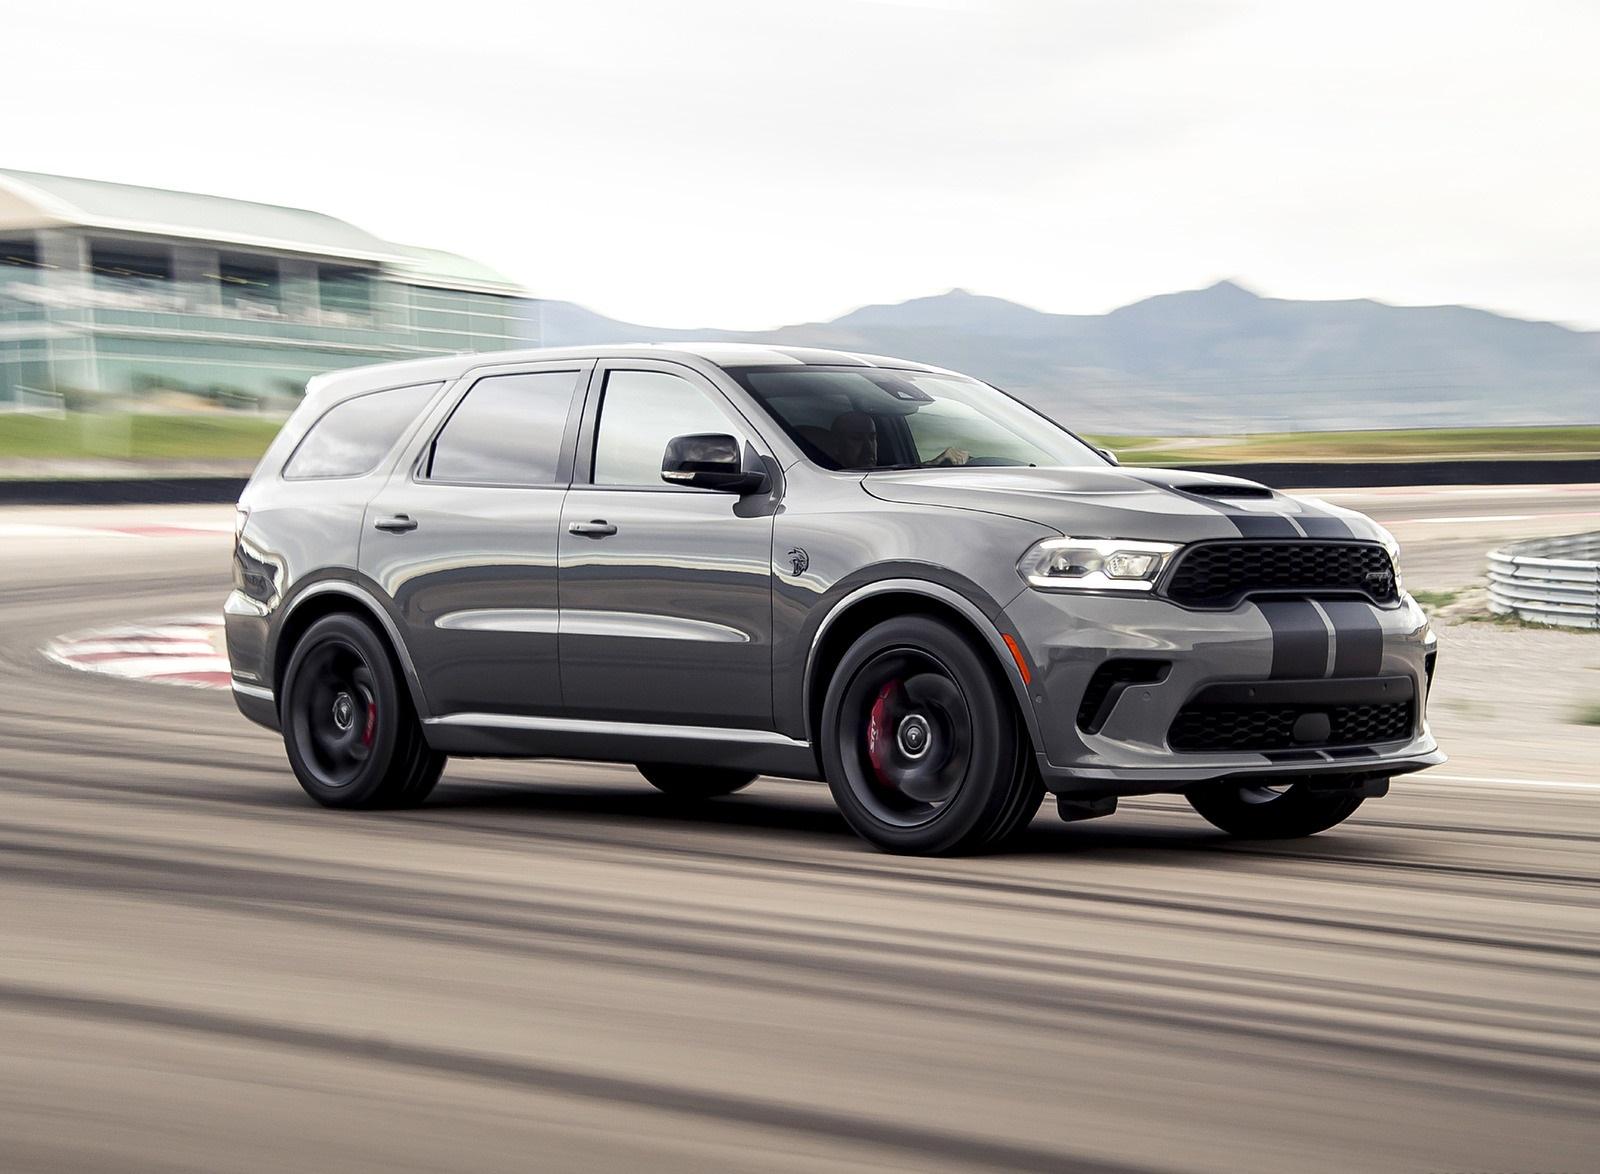 2021 Dodge Durango SRT Hellcat Front Three-Quarter Wallpapers (2)